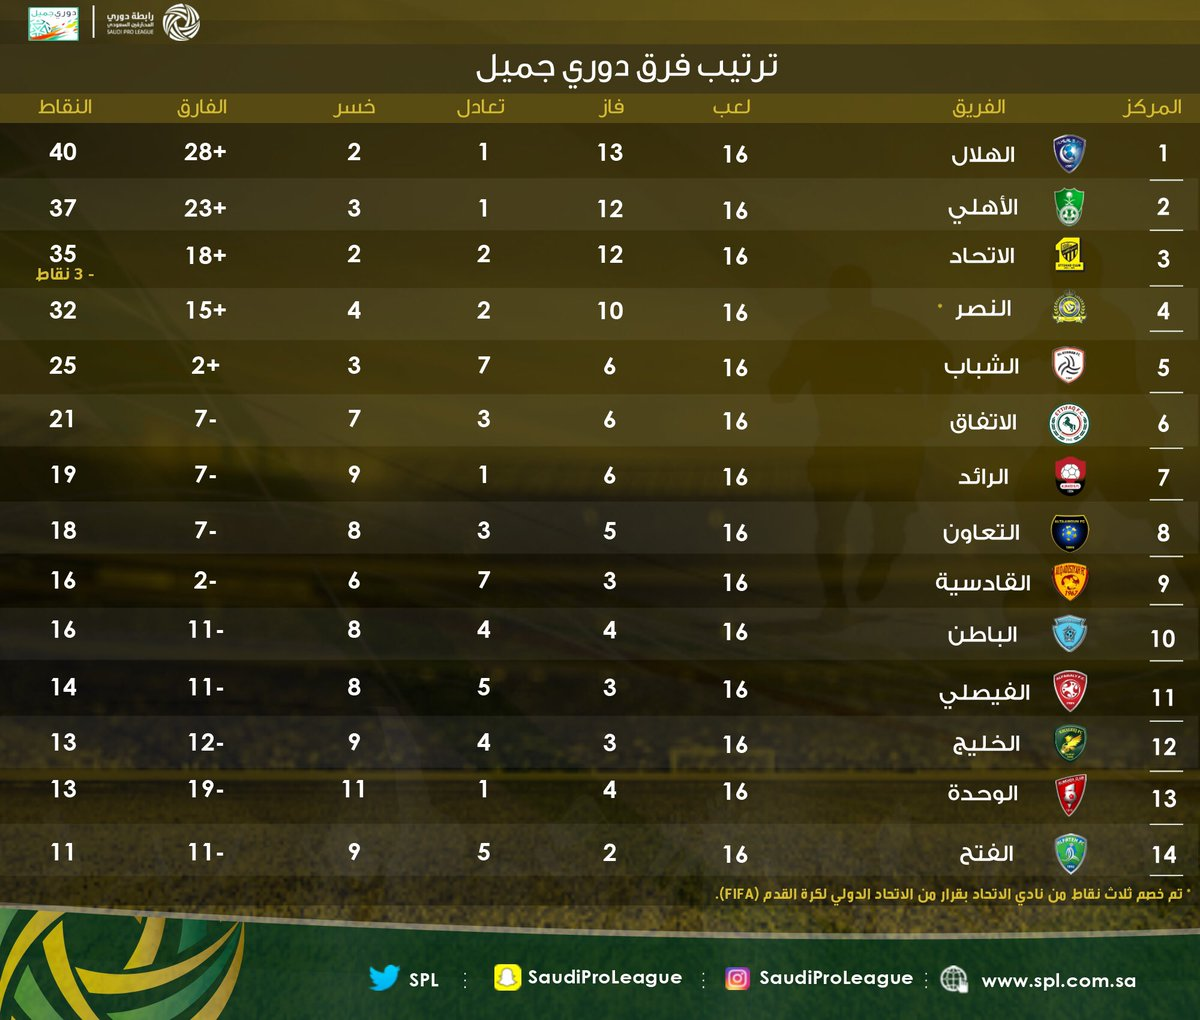 جدول ترتيب الفرق+الهدافين+صناع الأهداف+أفضل دفاع+أفضل هجوم^الجولة 16دوري جميل^